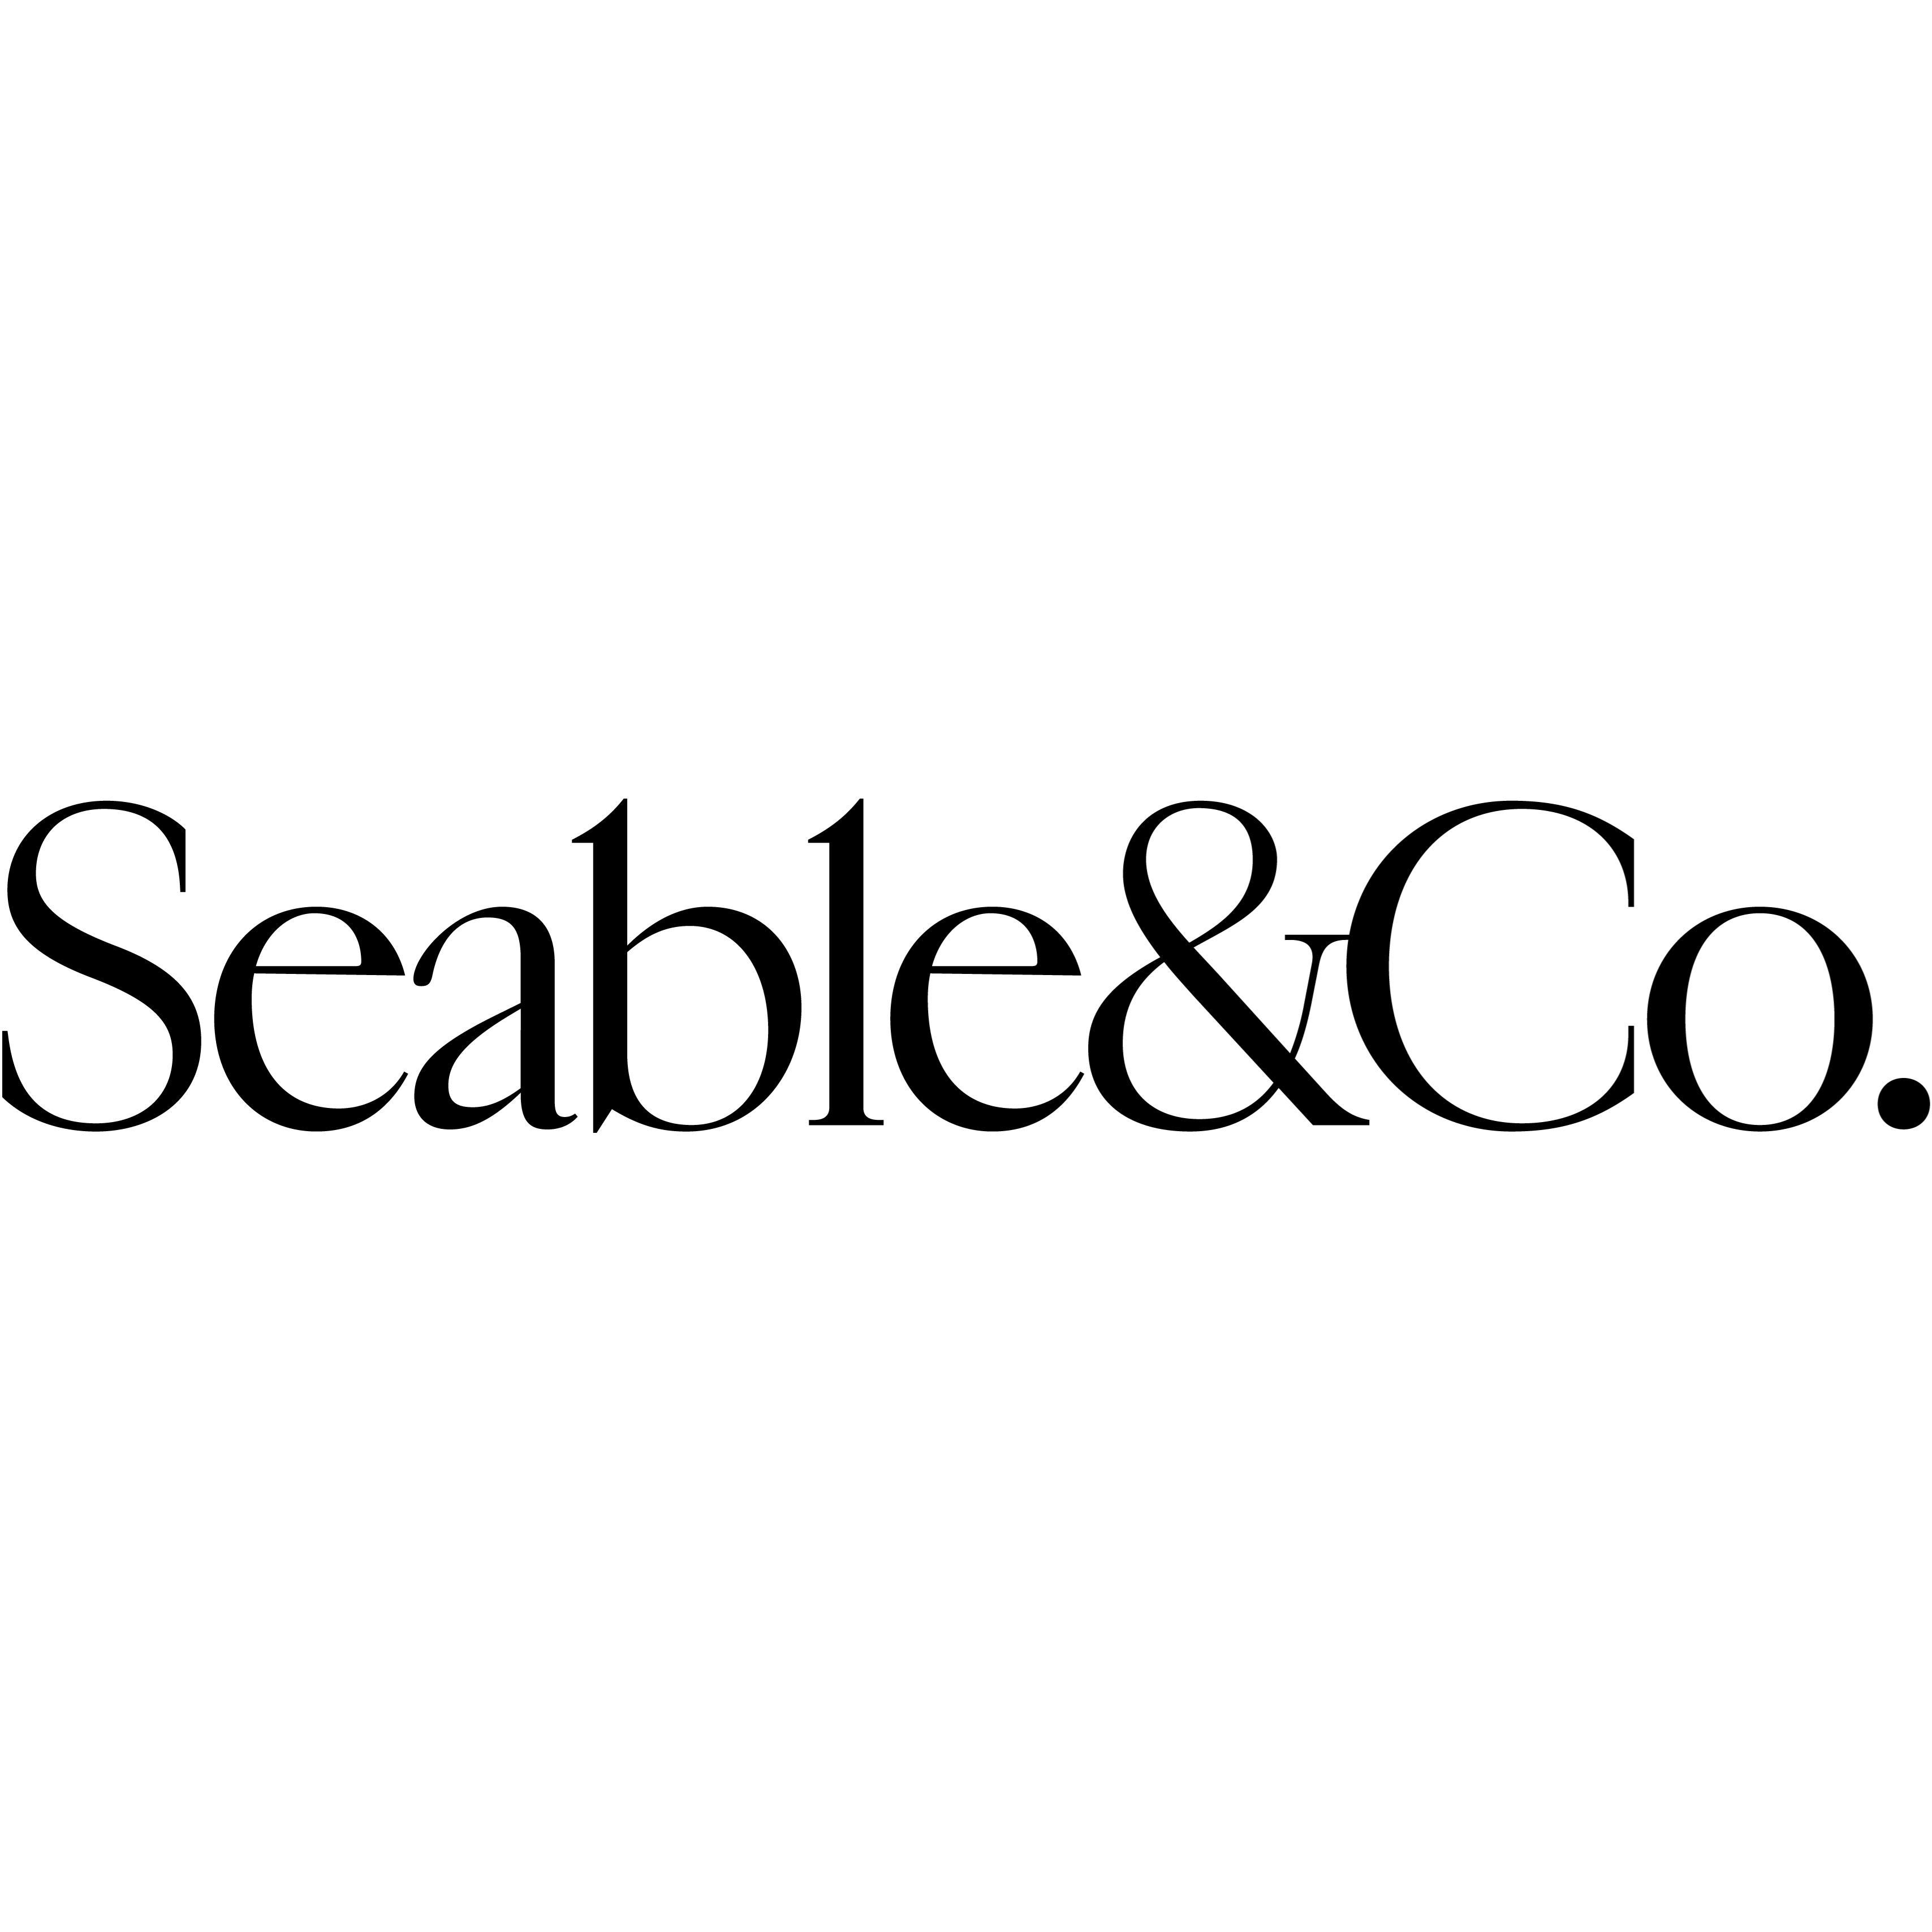 Bloemen De Maas B.V.